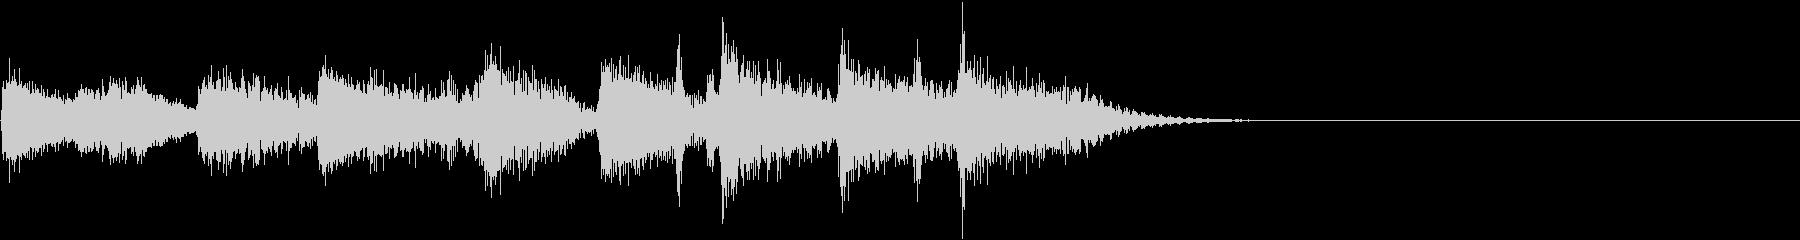 セコンドラインのジングルの未再生の波形